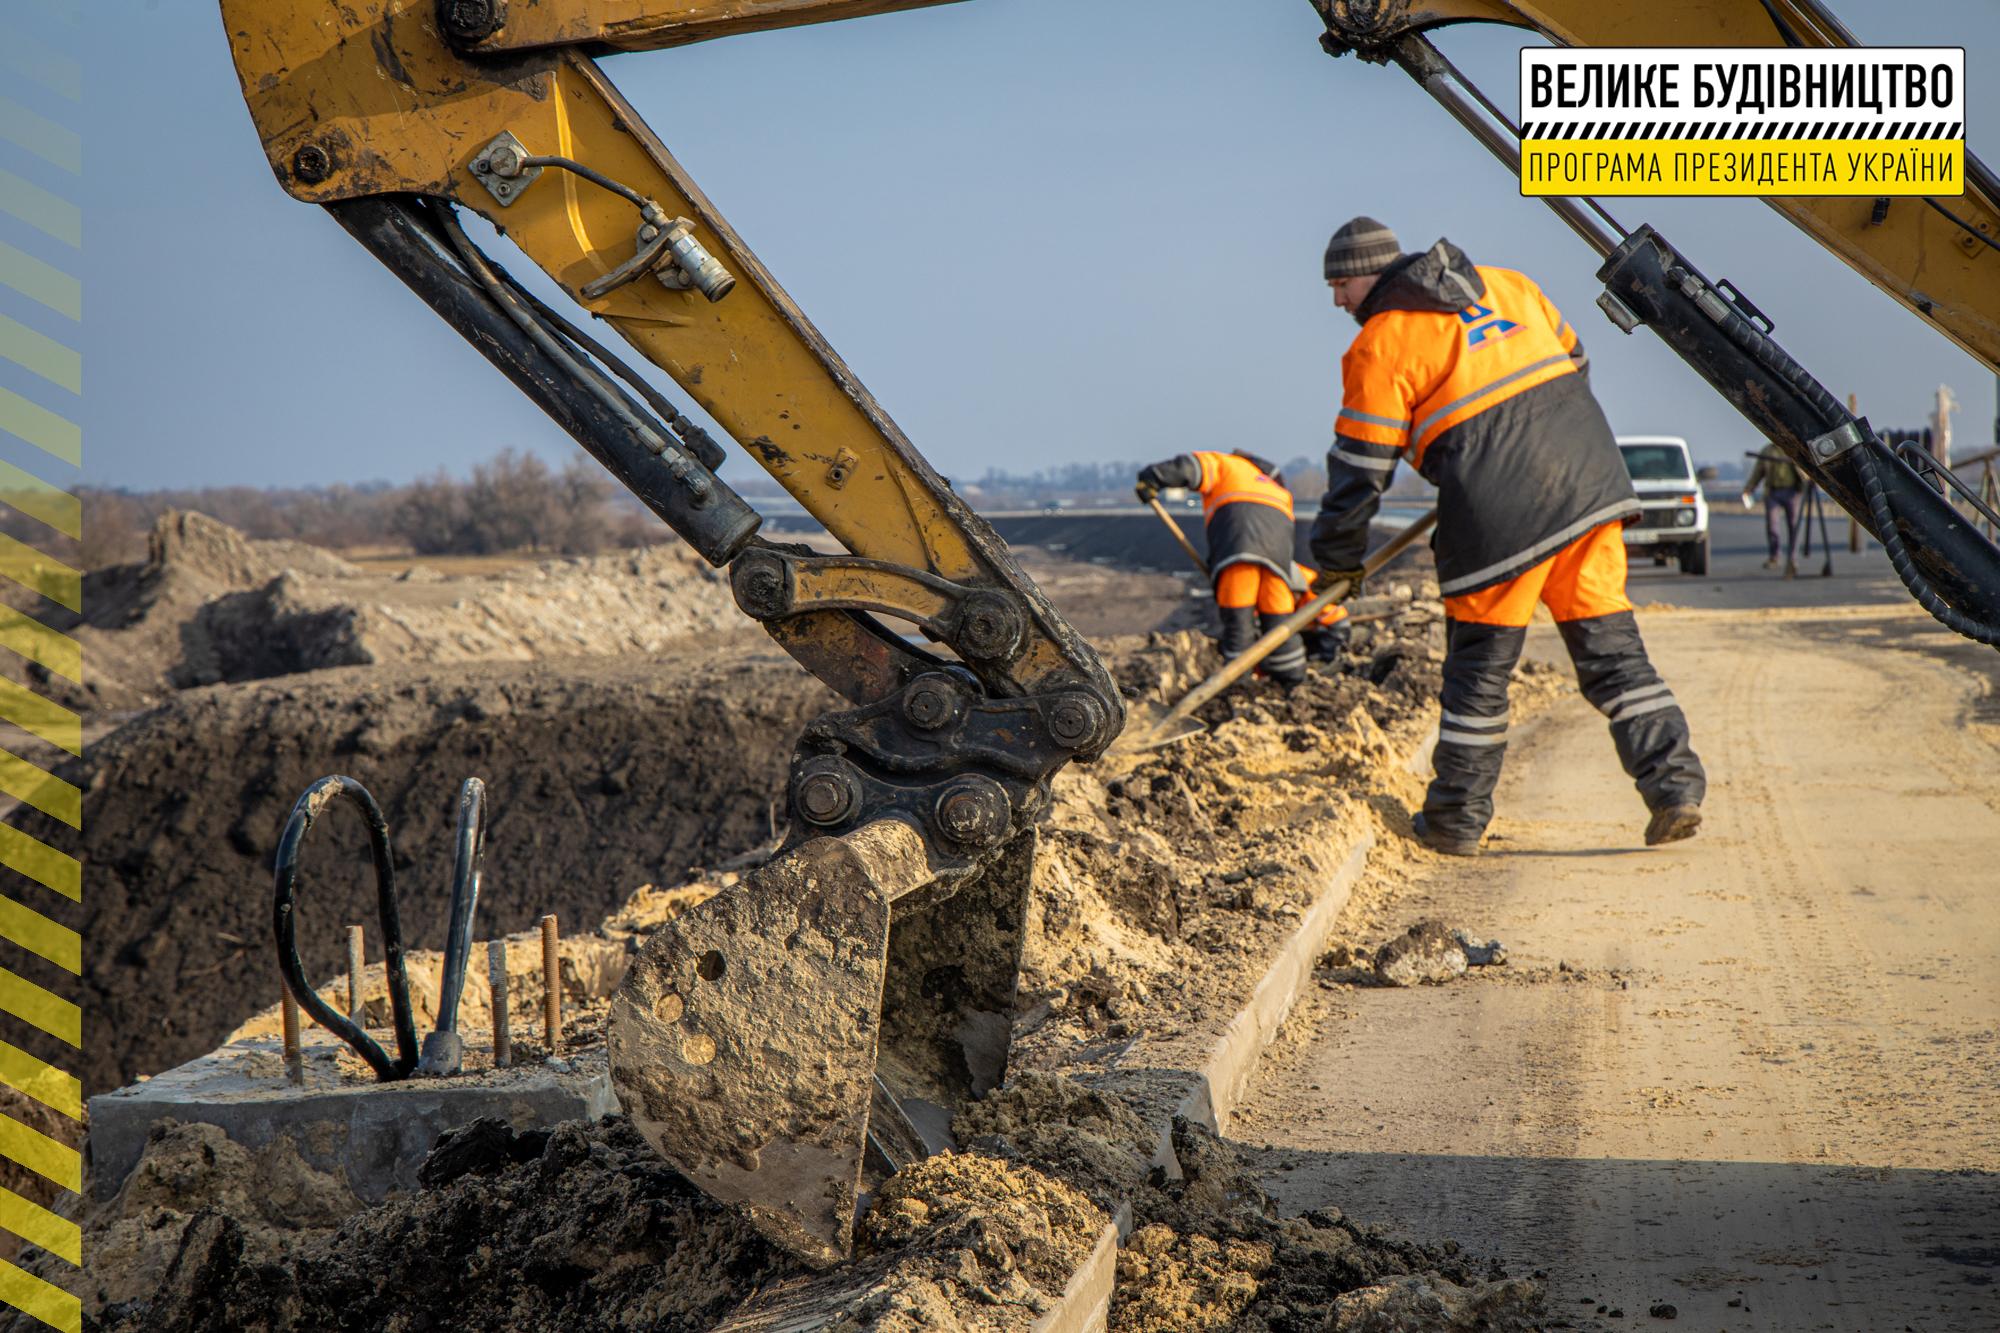 Вперше за роки незалежності України будують автобан «з нуля»